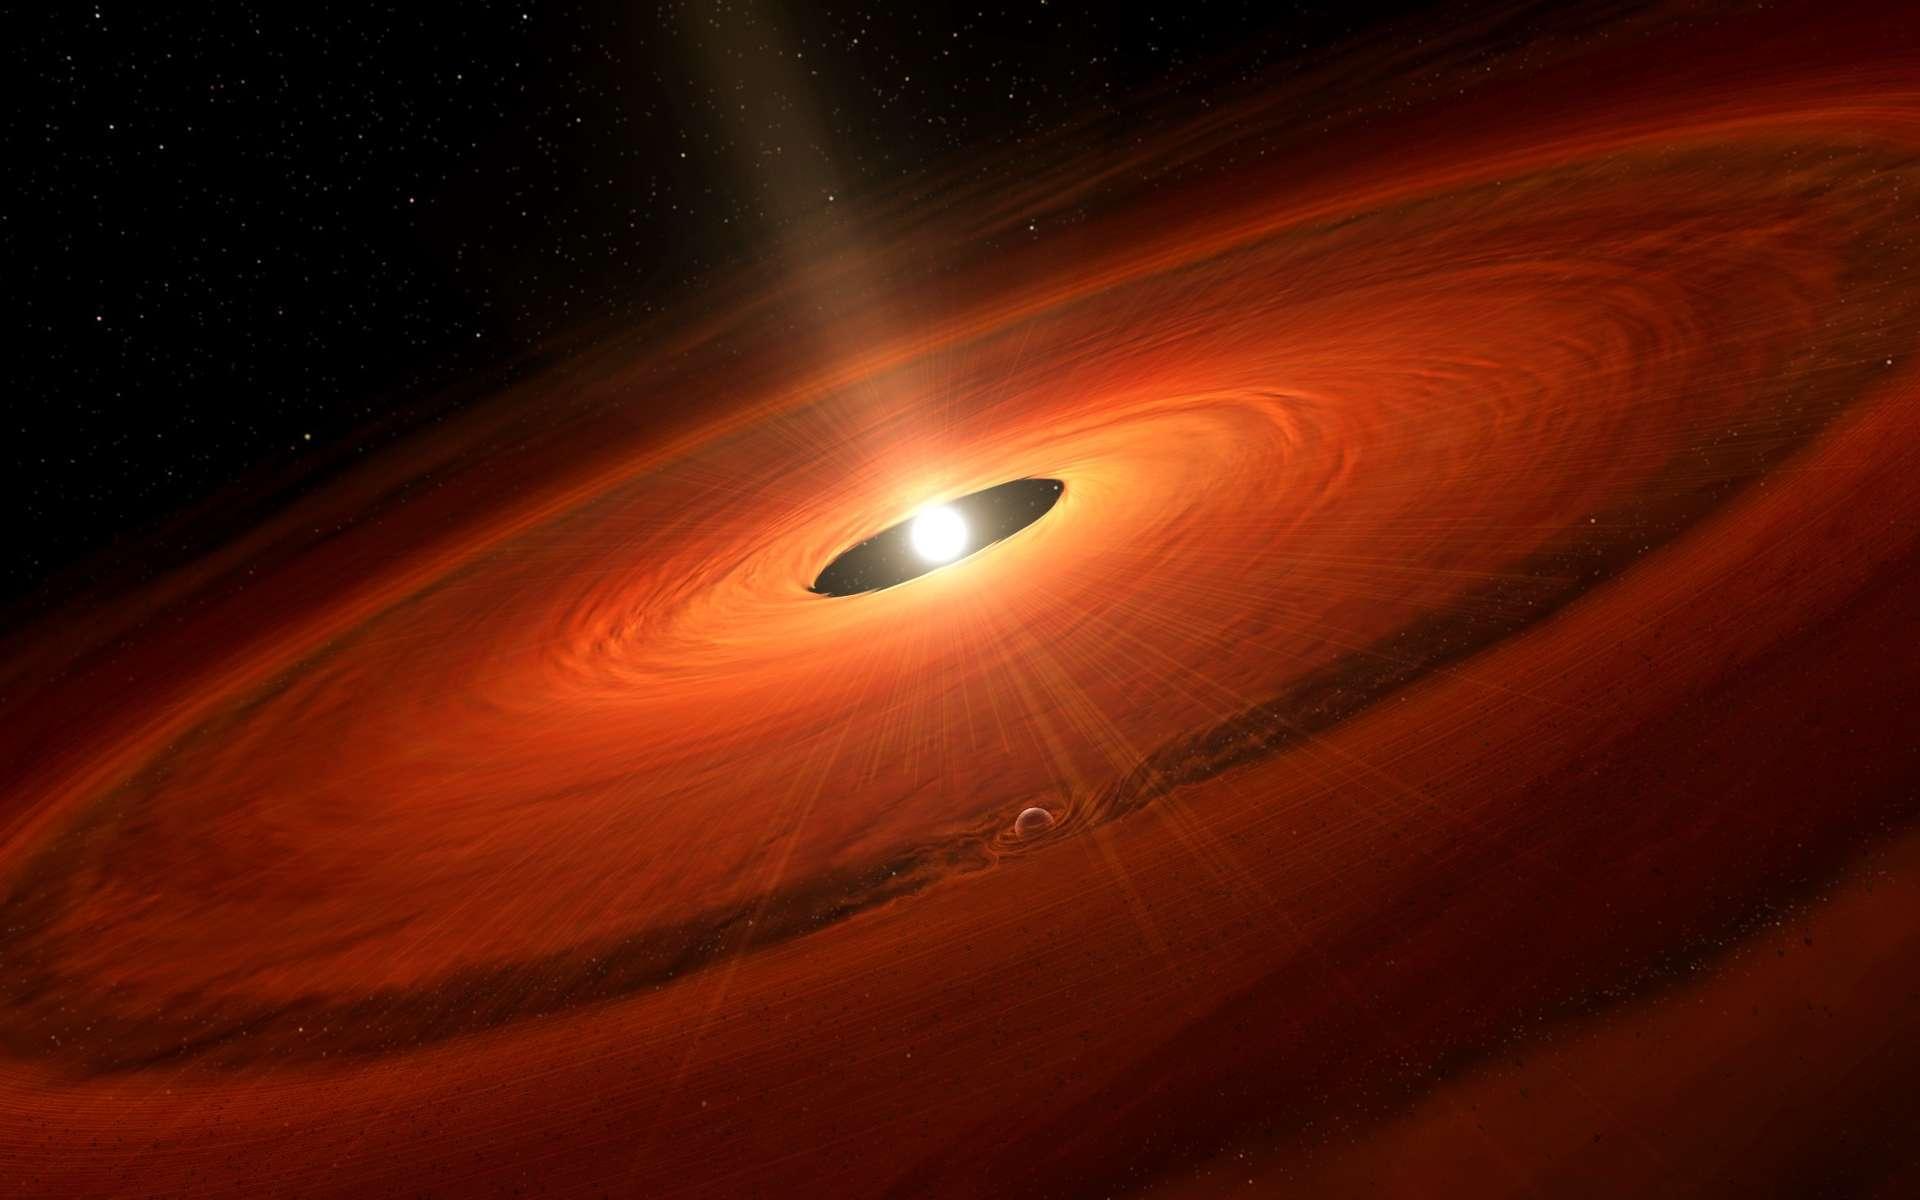 Une vue d'artiste d'un disque protoplanétaire autour d'un jeune soleil. Une exoplanète géante a creusé son sillon dans ce disque riche en gaz et poussière en accrétant ces matières. © NAOJ